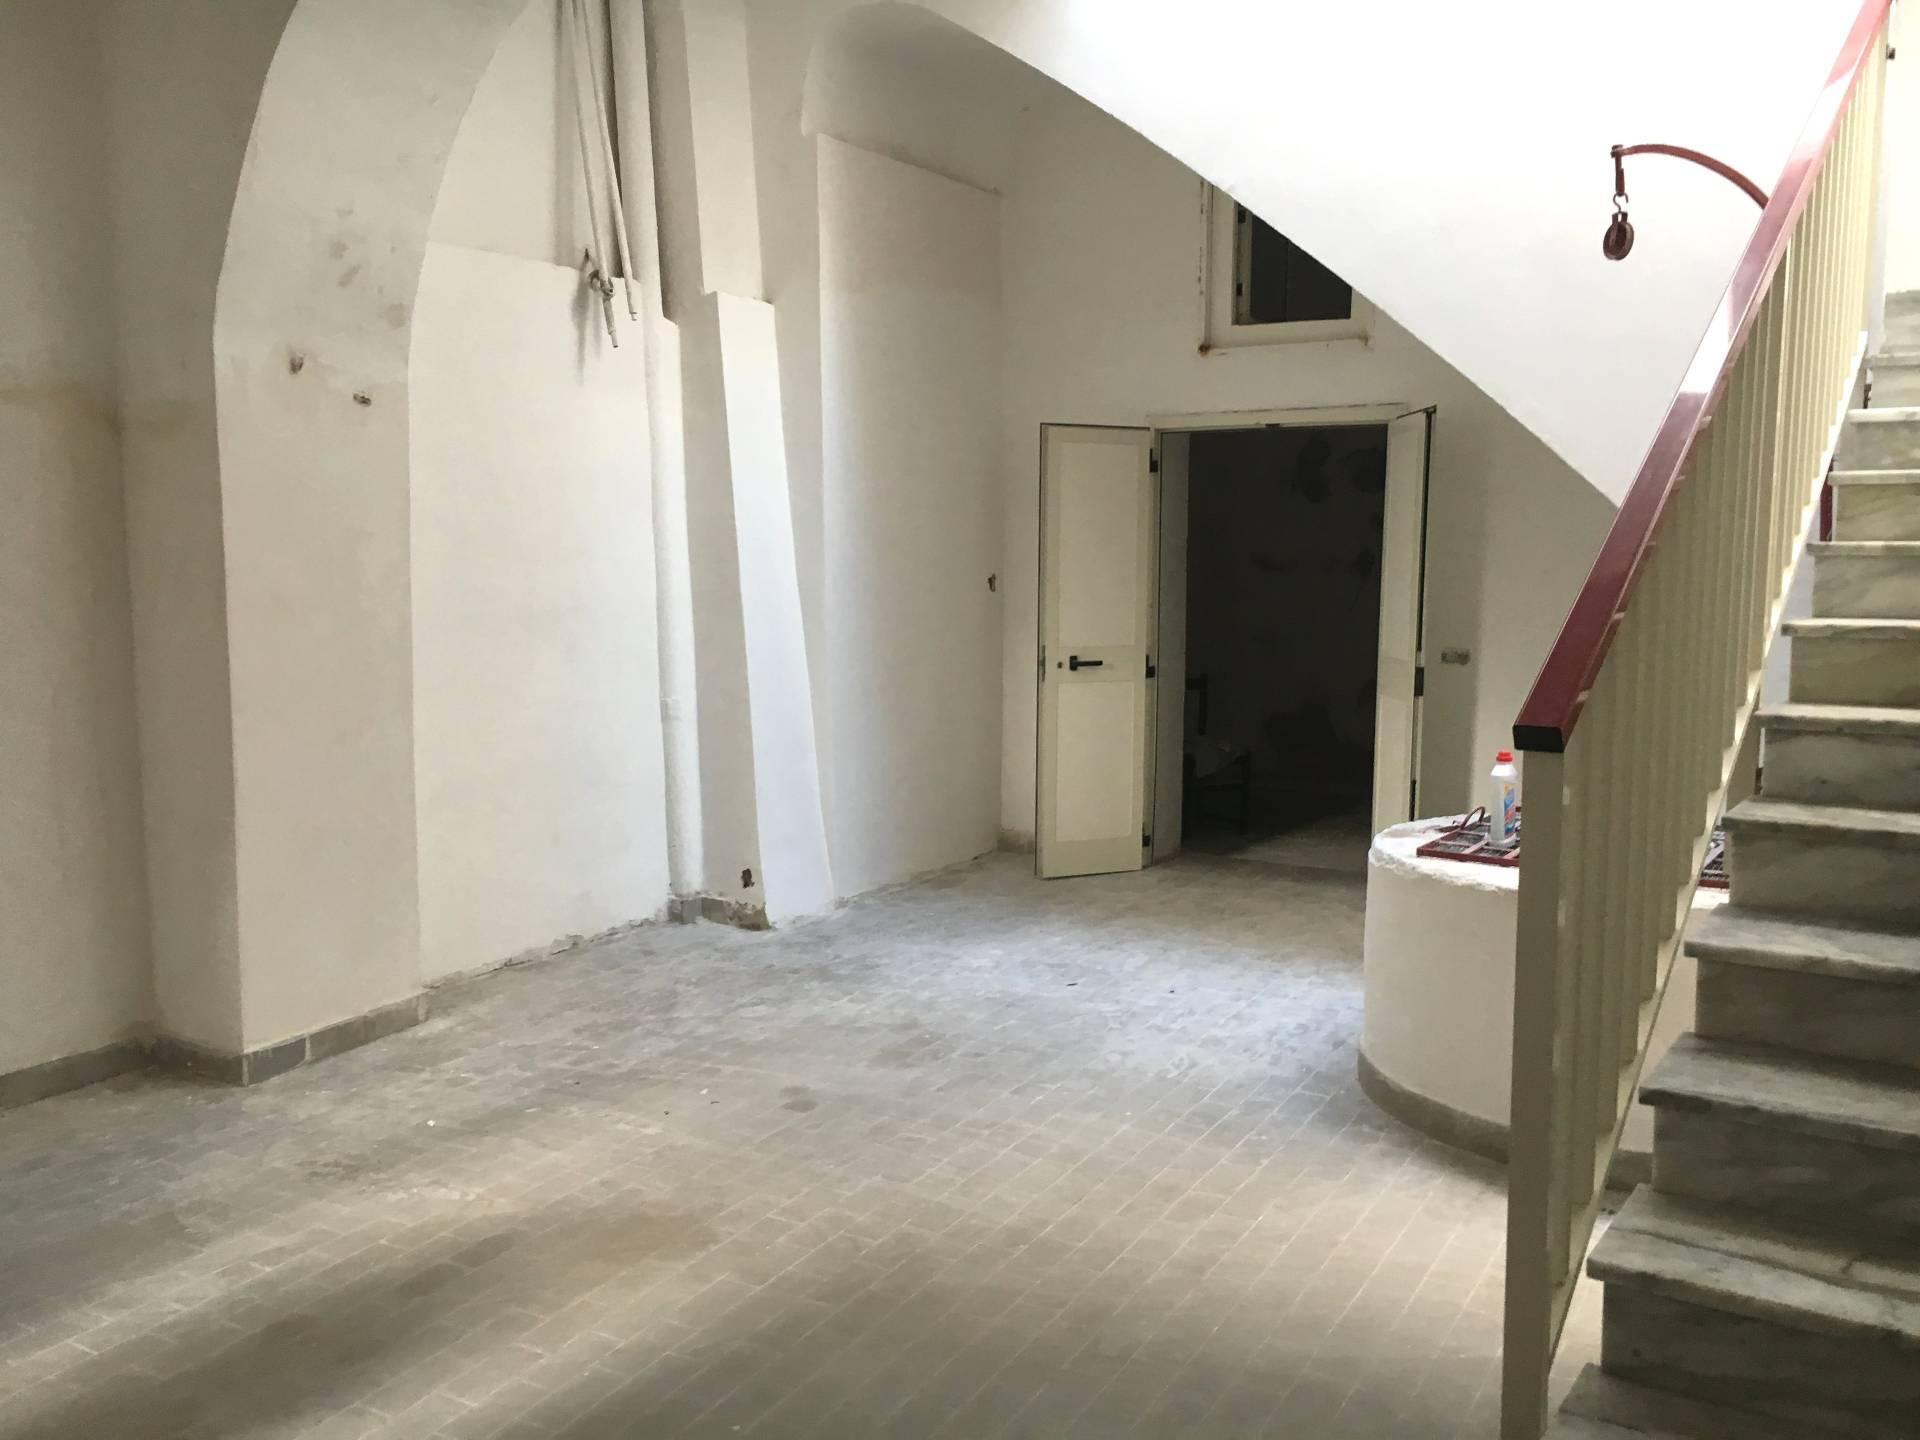 Soluzione Indipendente in vendita a Ottaviano, 3 locali, prezzo € 80.000 | Cambio Casa.it